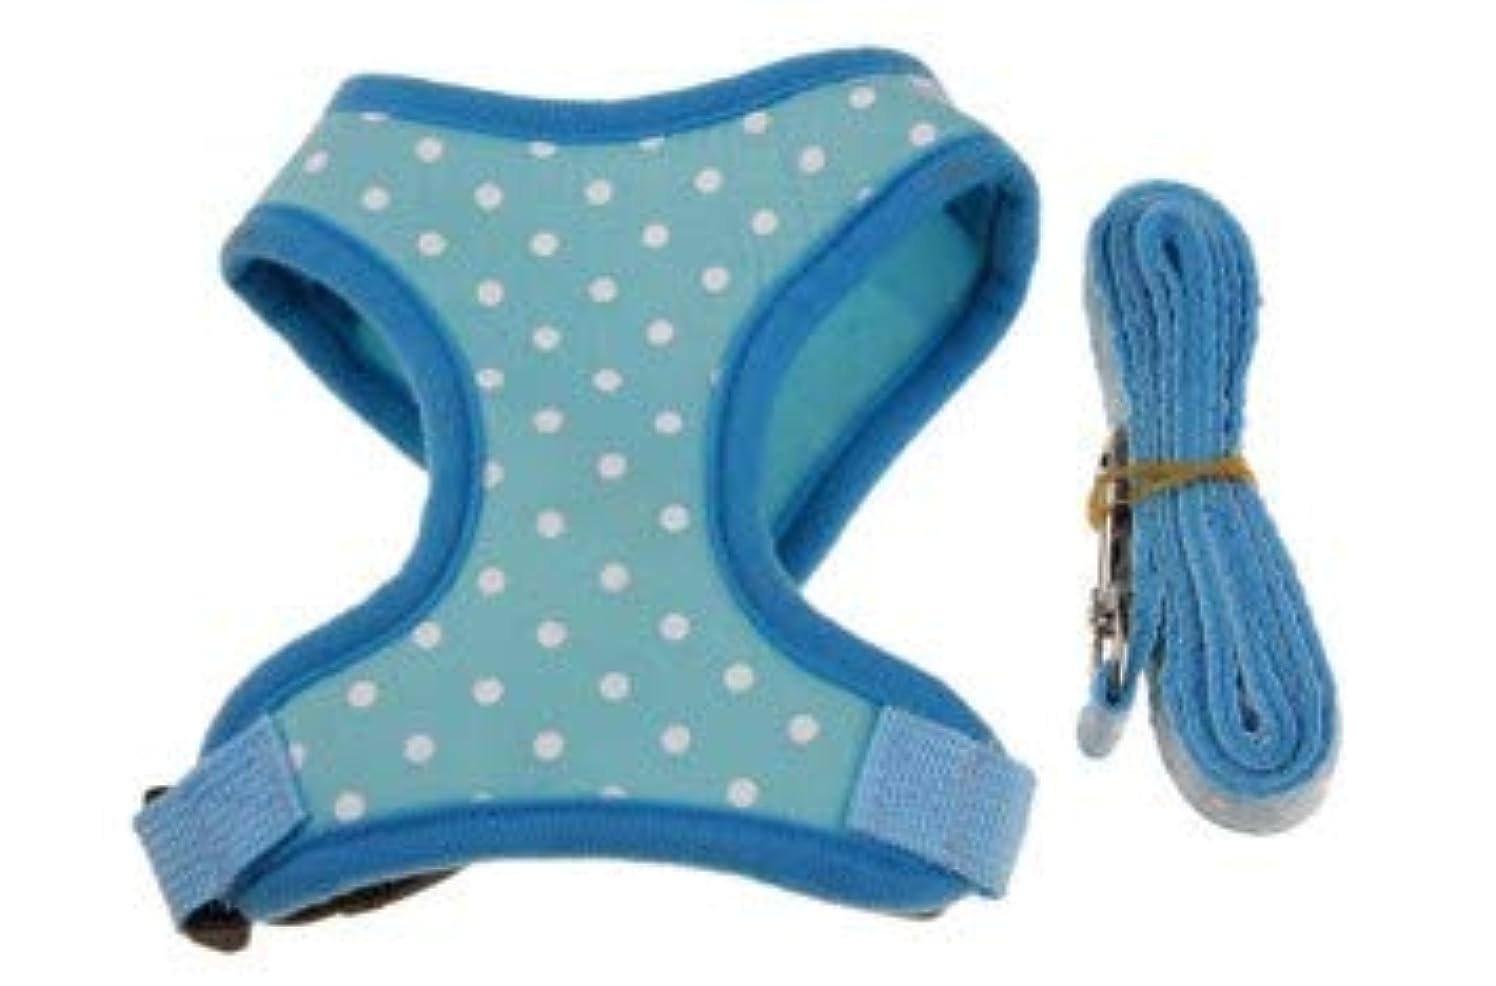 シャンプー盗賊エチケット犬ペット子犬犬リーシュチェストストラップI字型ベスト犬リーシュチェーン子犬小型犬 (Color : ブルー, Size : M)